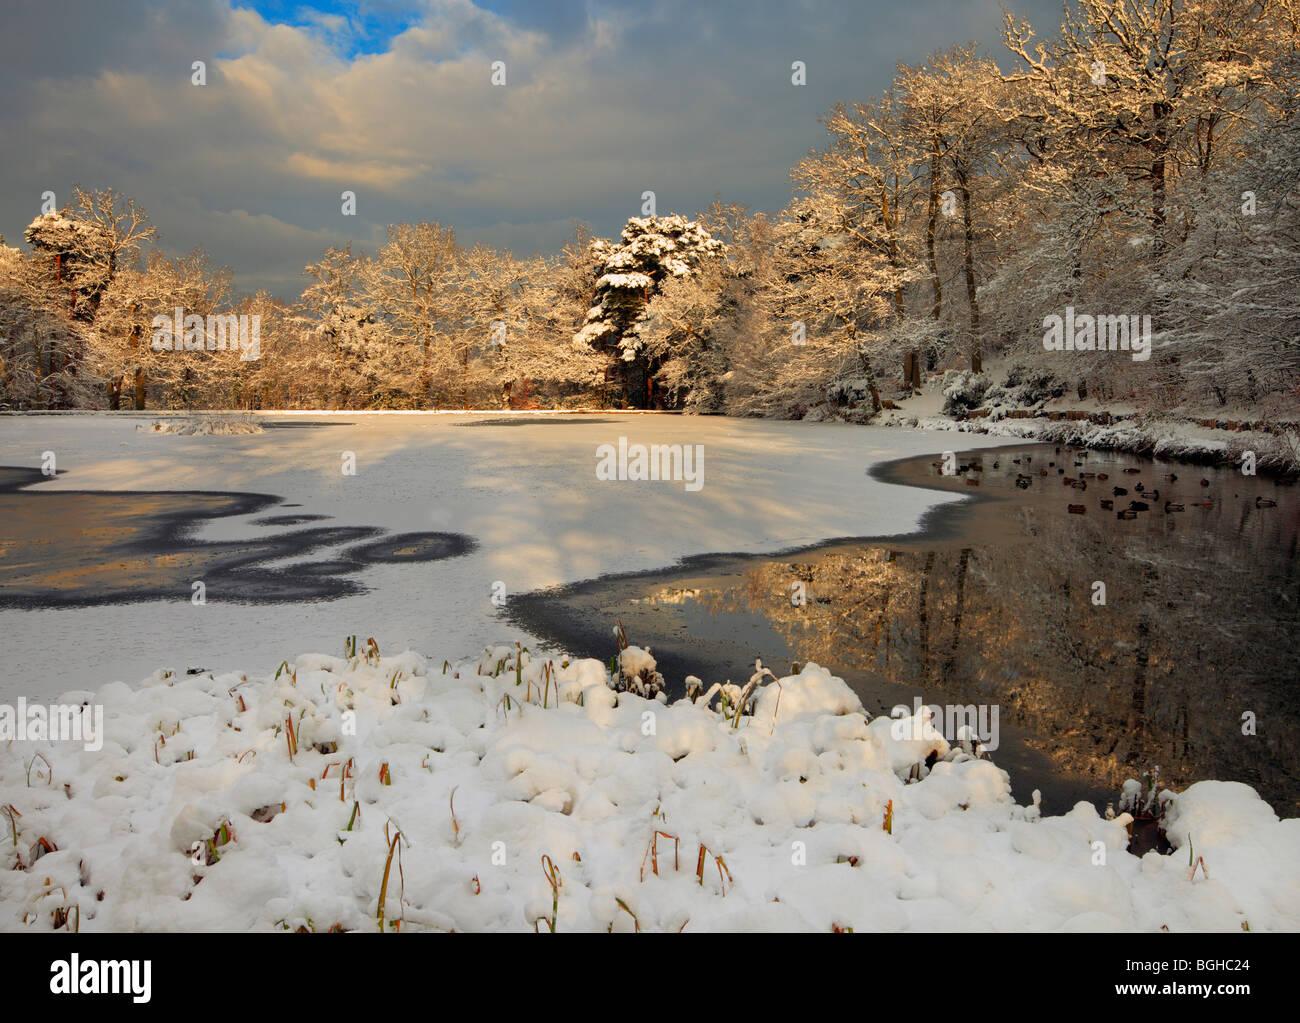 Keston stagni scena d'inverno. Immagini Stock